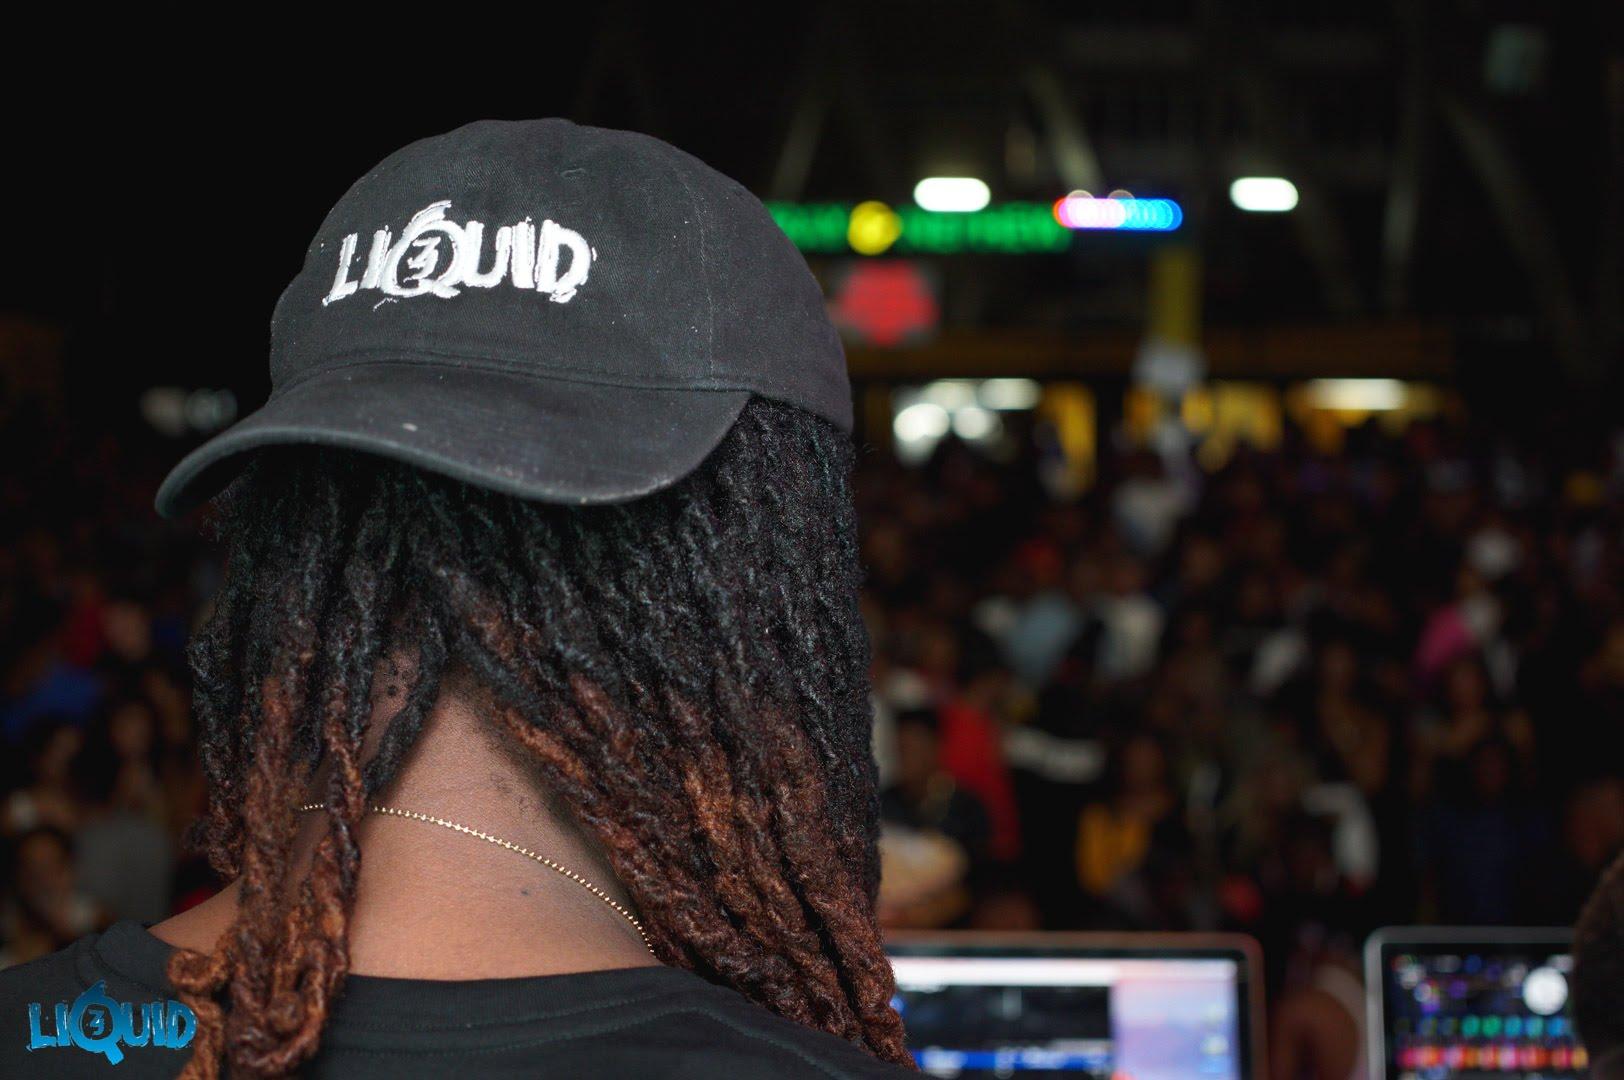 LIQUID 2K-08439